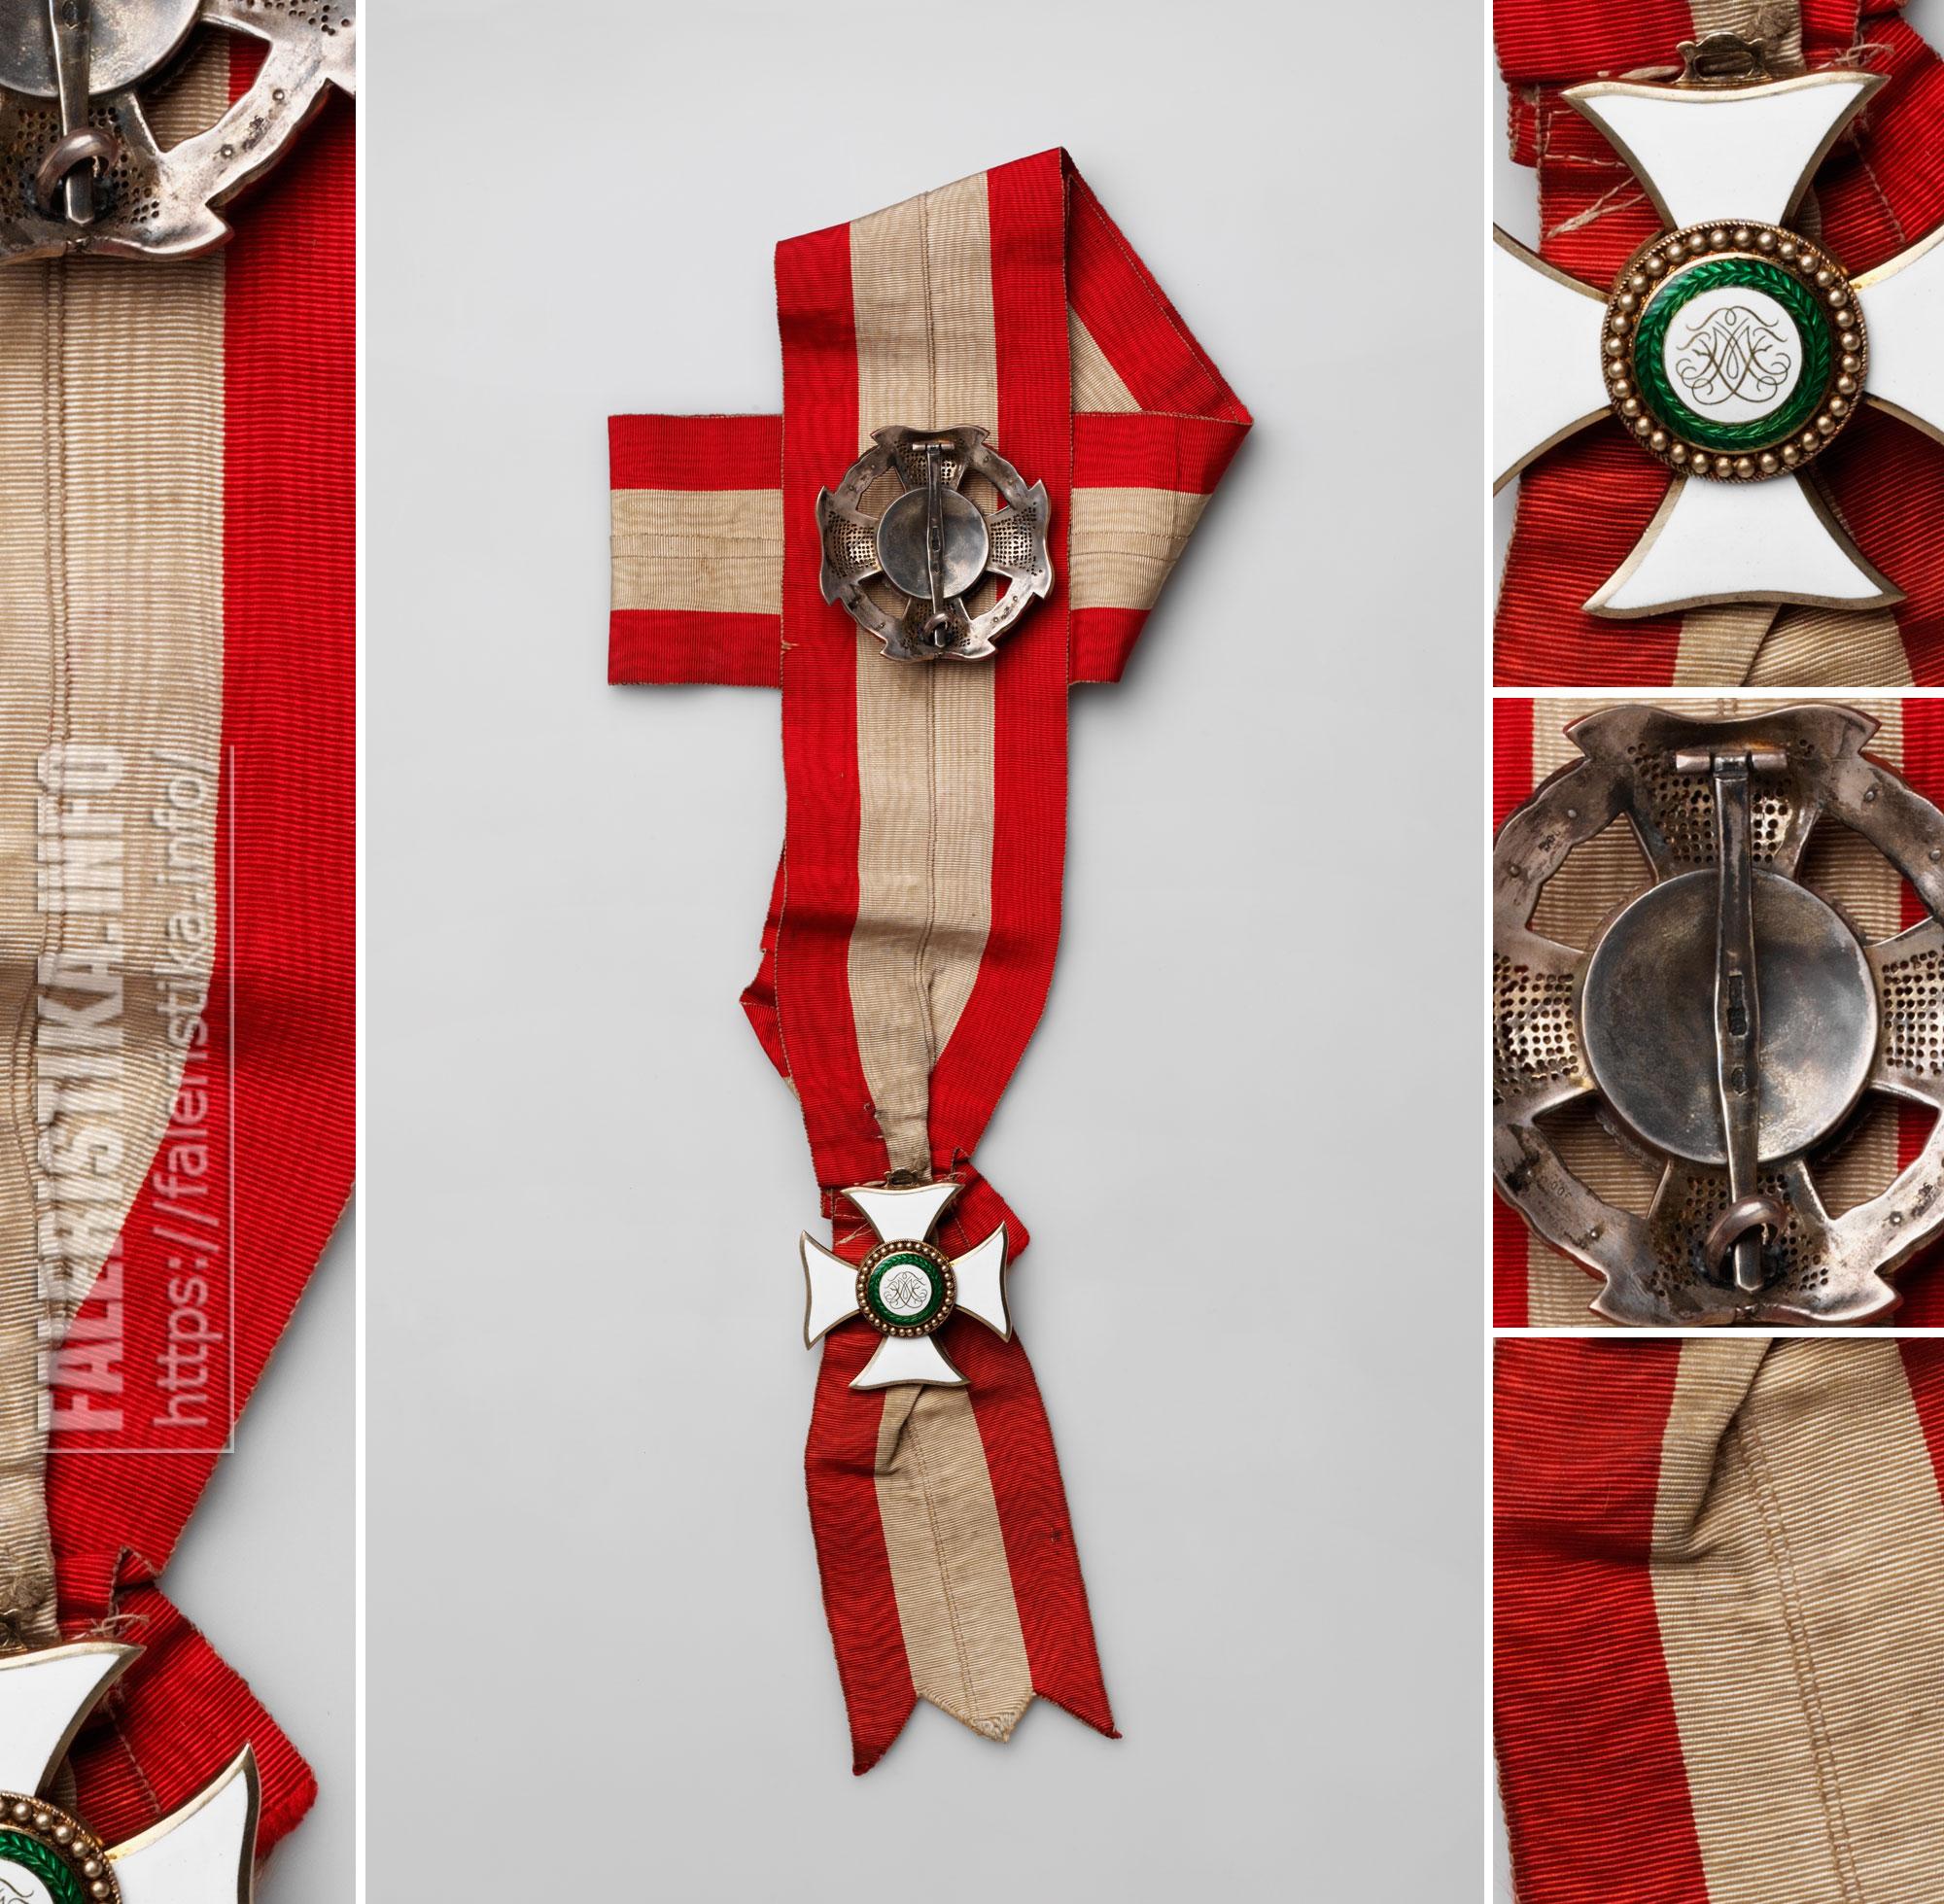 Знак рыцаря Большого креста ордена Марии Терезии на ленте, со звездой. Реверс. Австро-Венгрия. Принадлежала эрцгерцогу Рудольфу (1858—1889). Вена, фирма C.F. Rothe, 1866—1872. Серебро, муар; штамп, золочение, эмаль, гильошировка, ткачество, монтировка. Знак — 5,6х5,4; звезда — дм. 5,7; лента — 130х6,7. Коллекция А.Л. Хазина